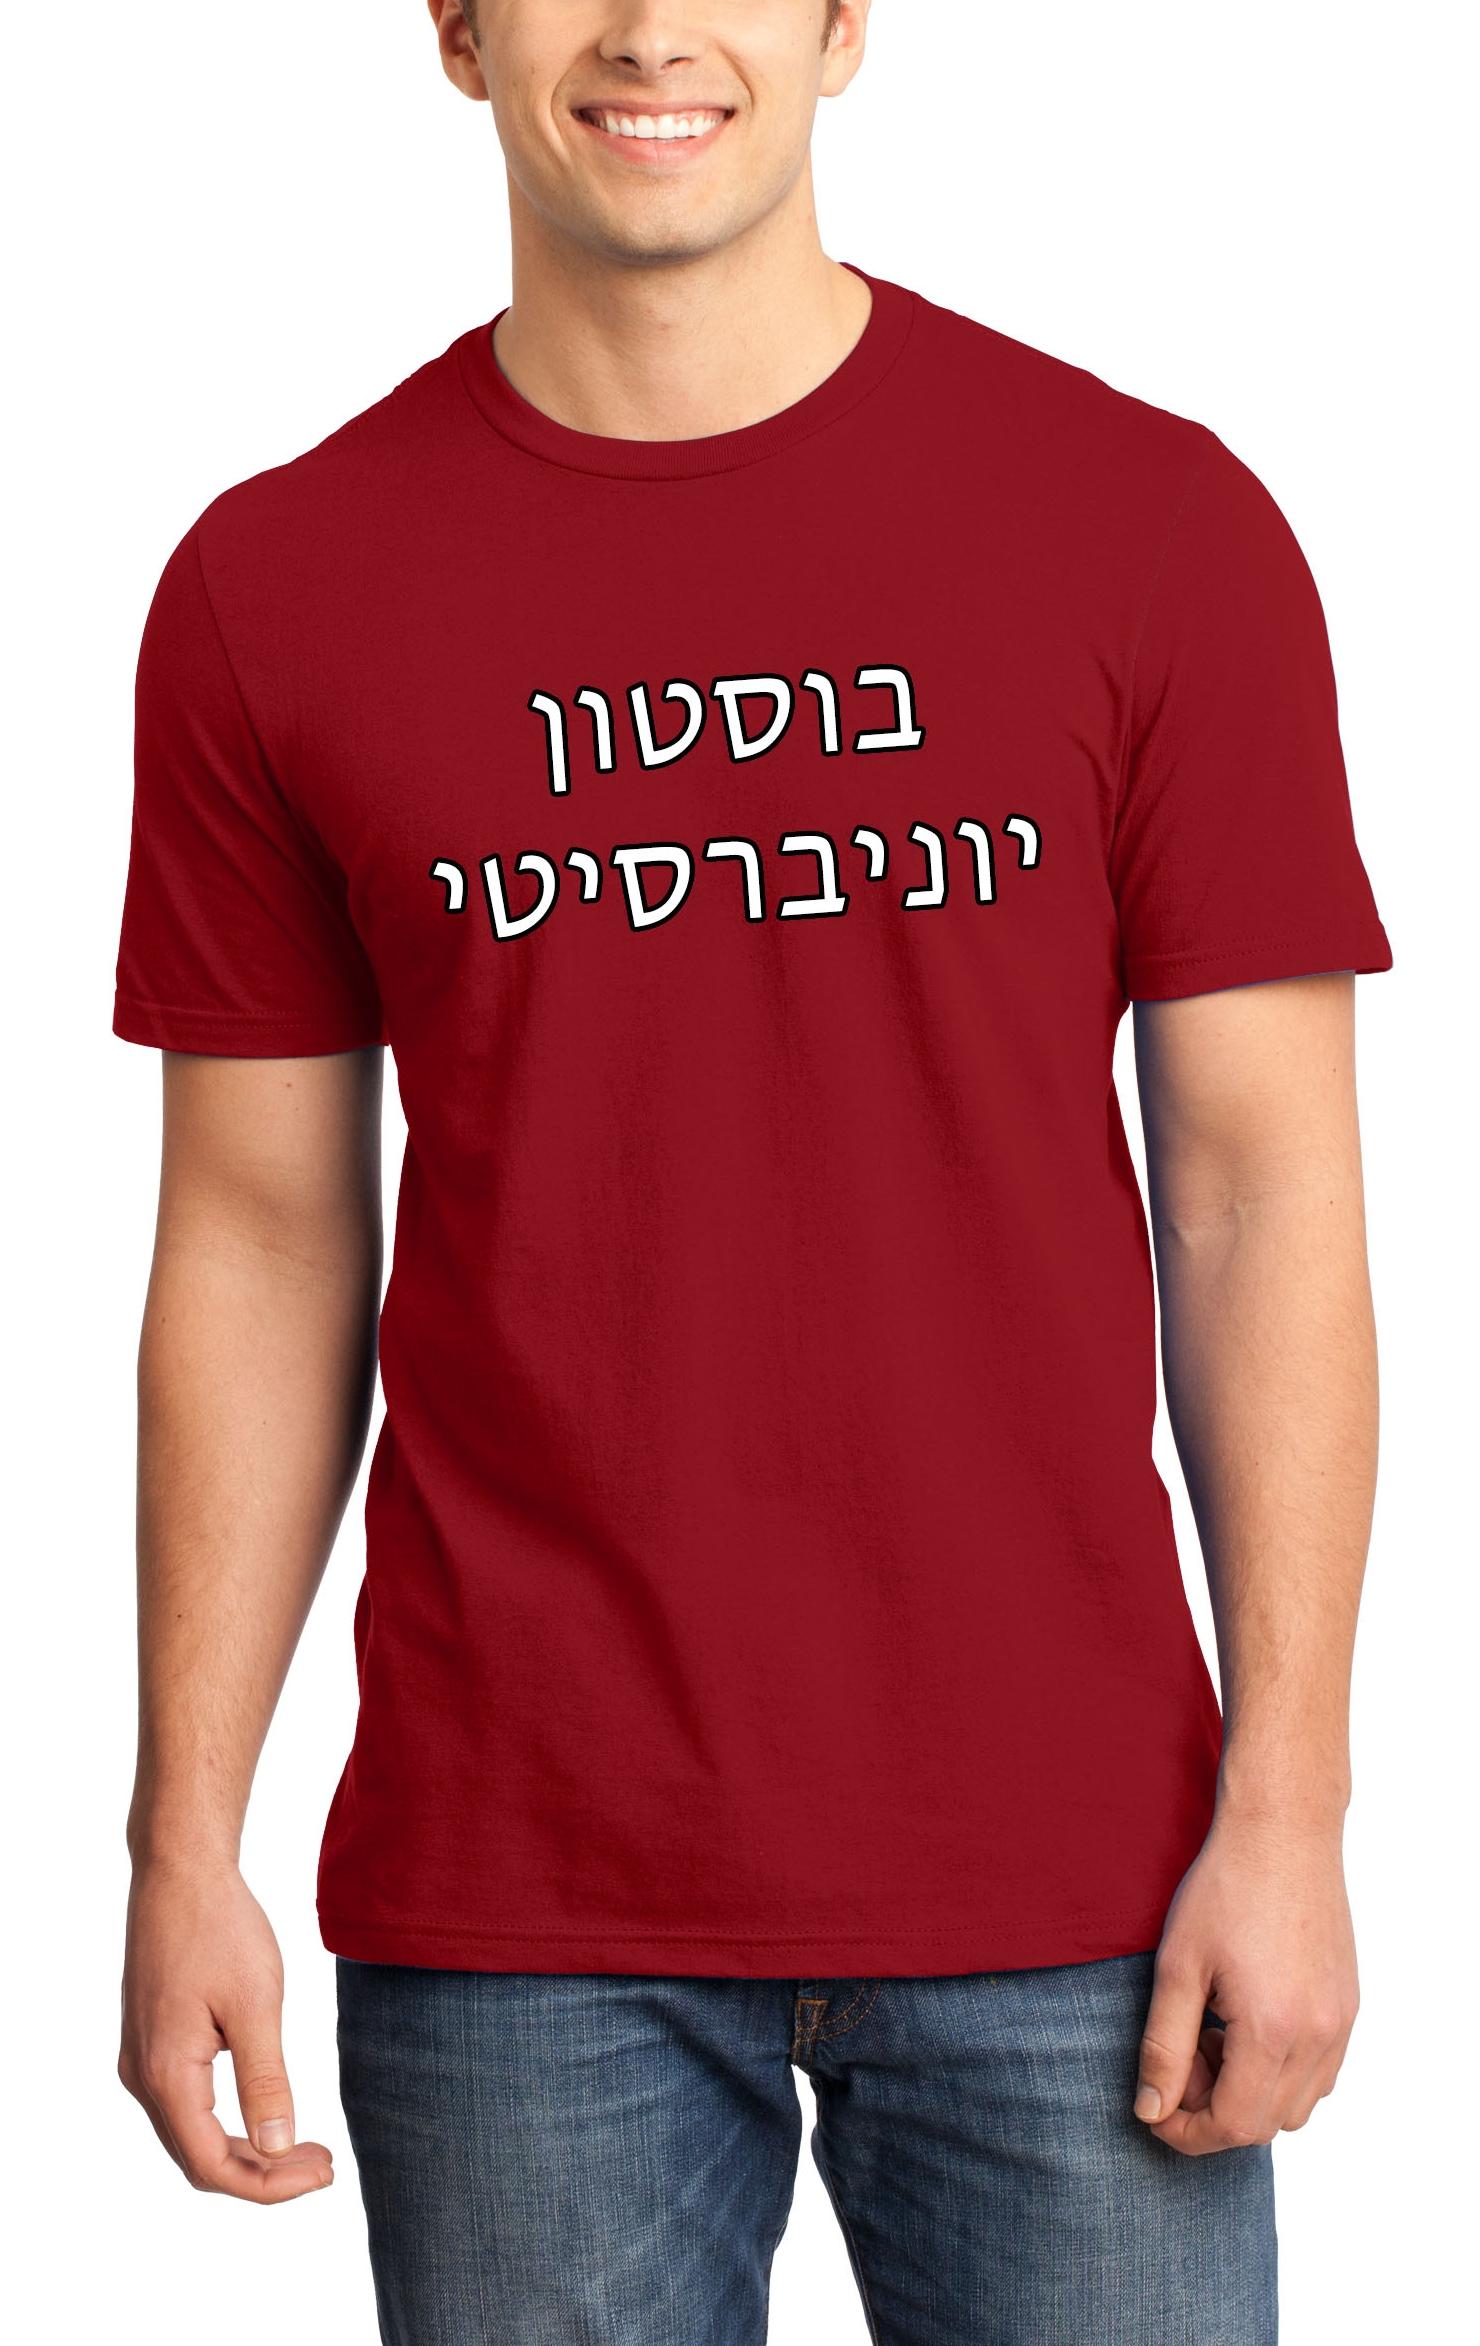 BU Tshirt.jpg